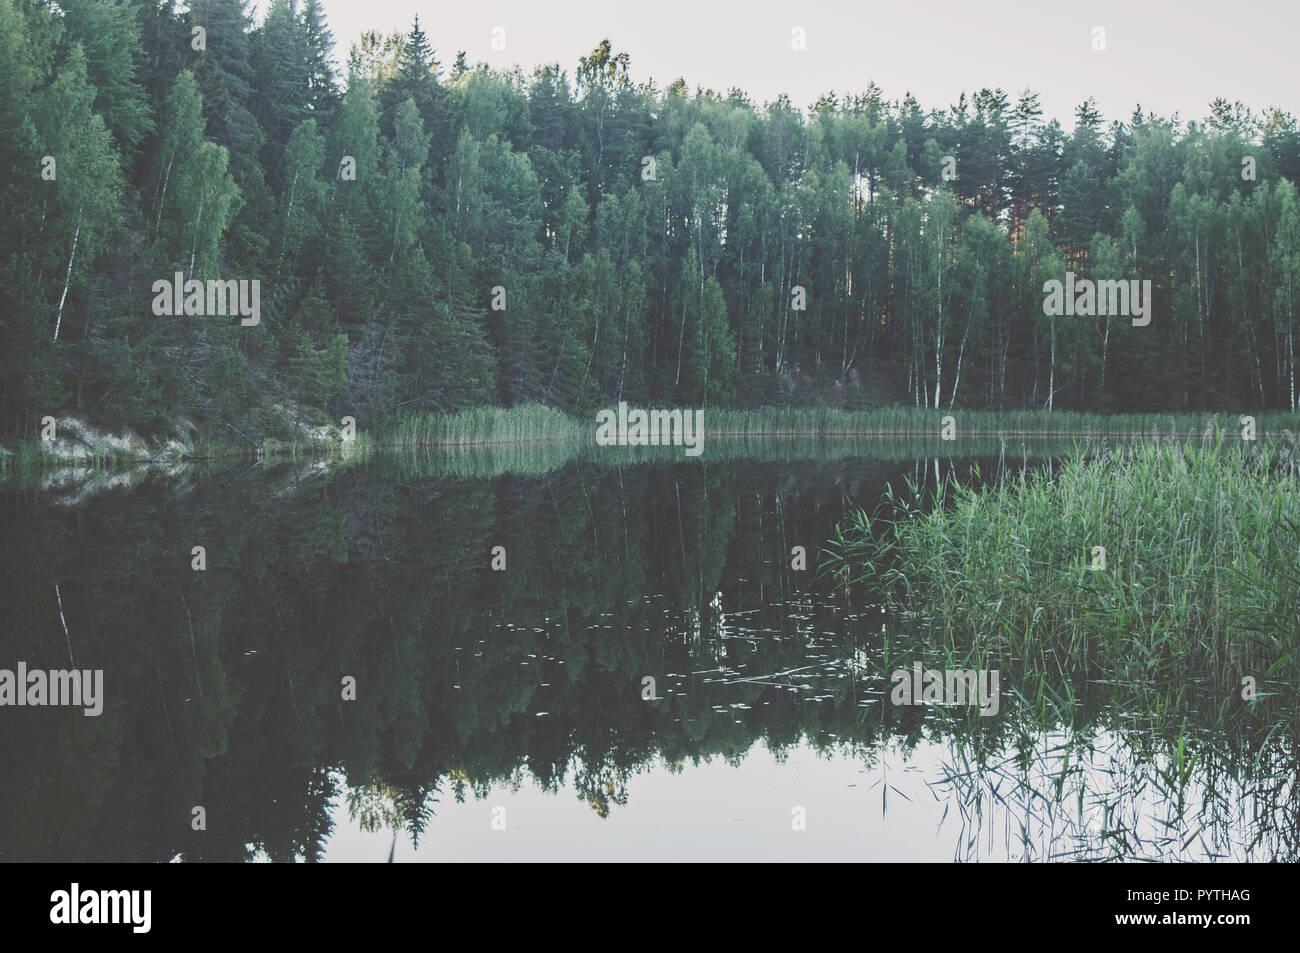 Verde paesaggio vista con alberi verdi e riflesso nell'acqua. L'estate. Immagini Stock